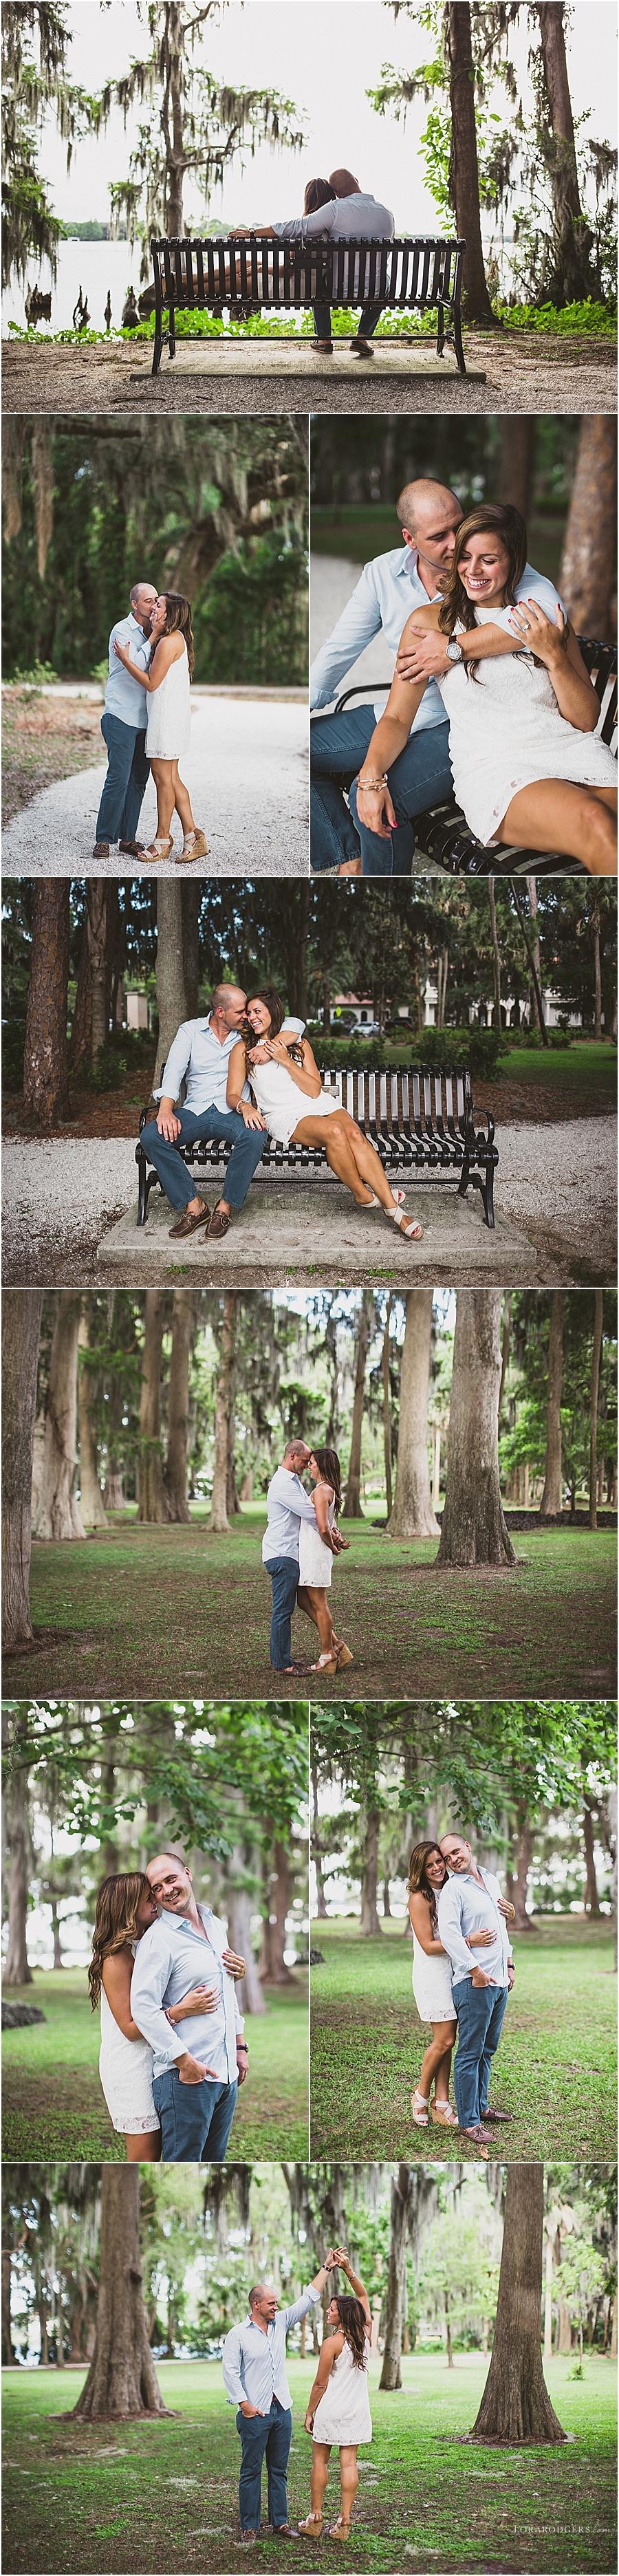 Kraft_Azalea_Engagement_Photos_Winter_Park_Florida_003